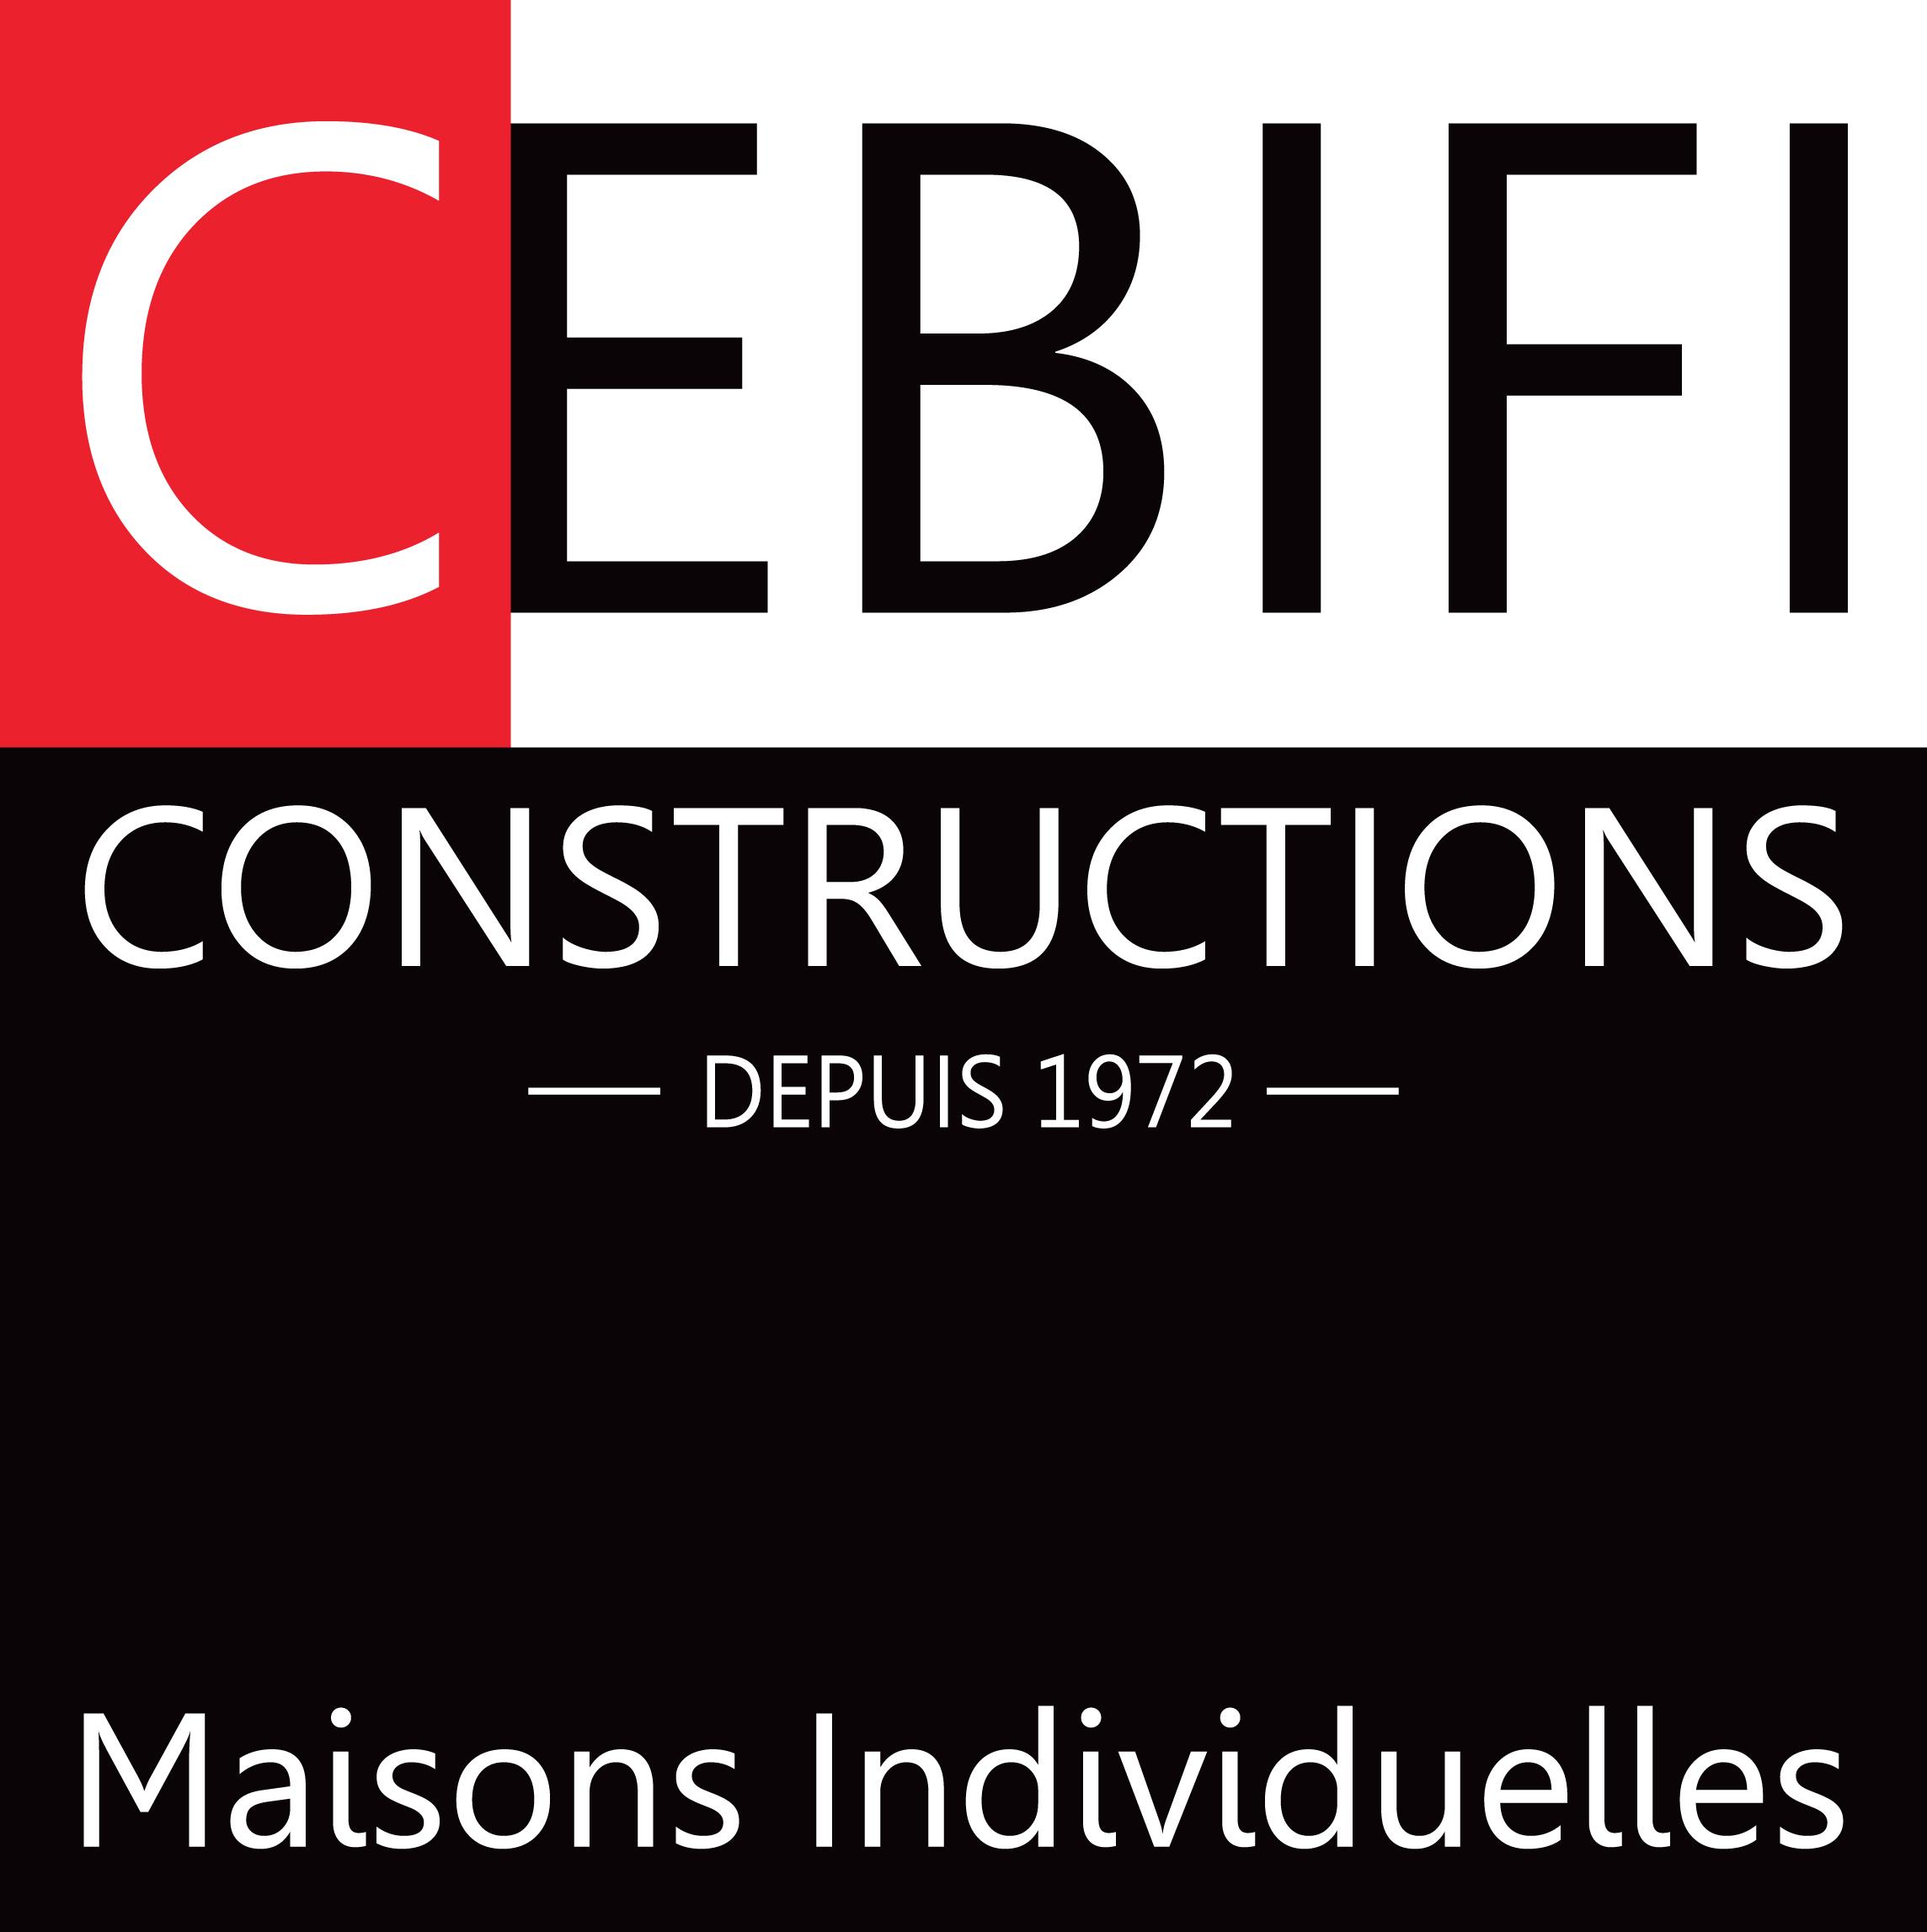 CEBIFI Constructions